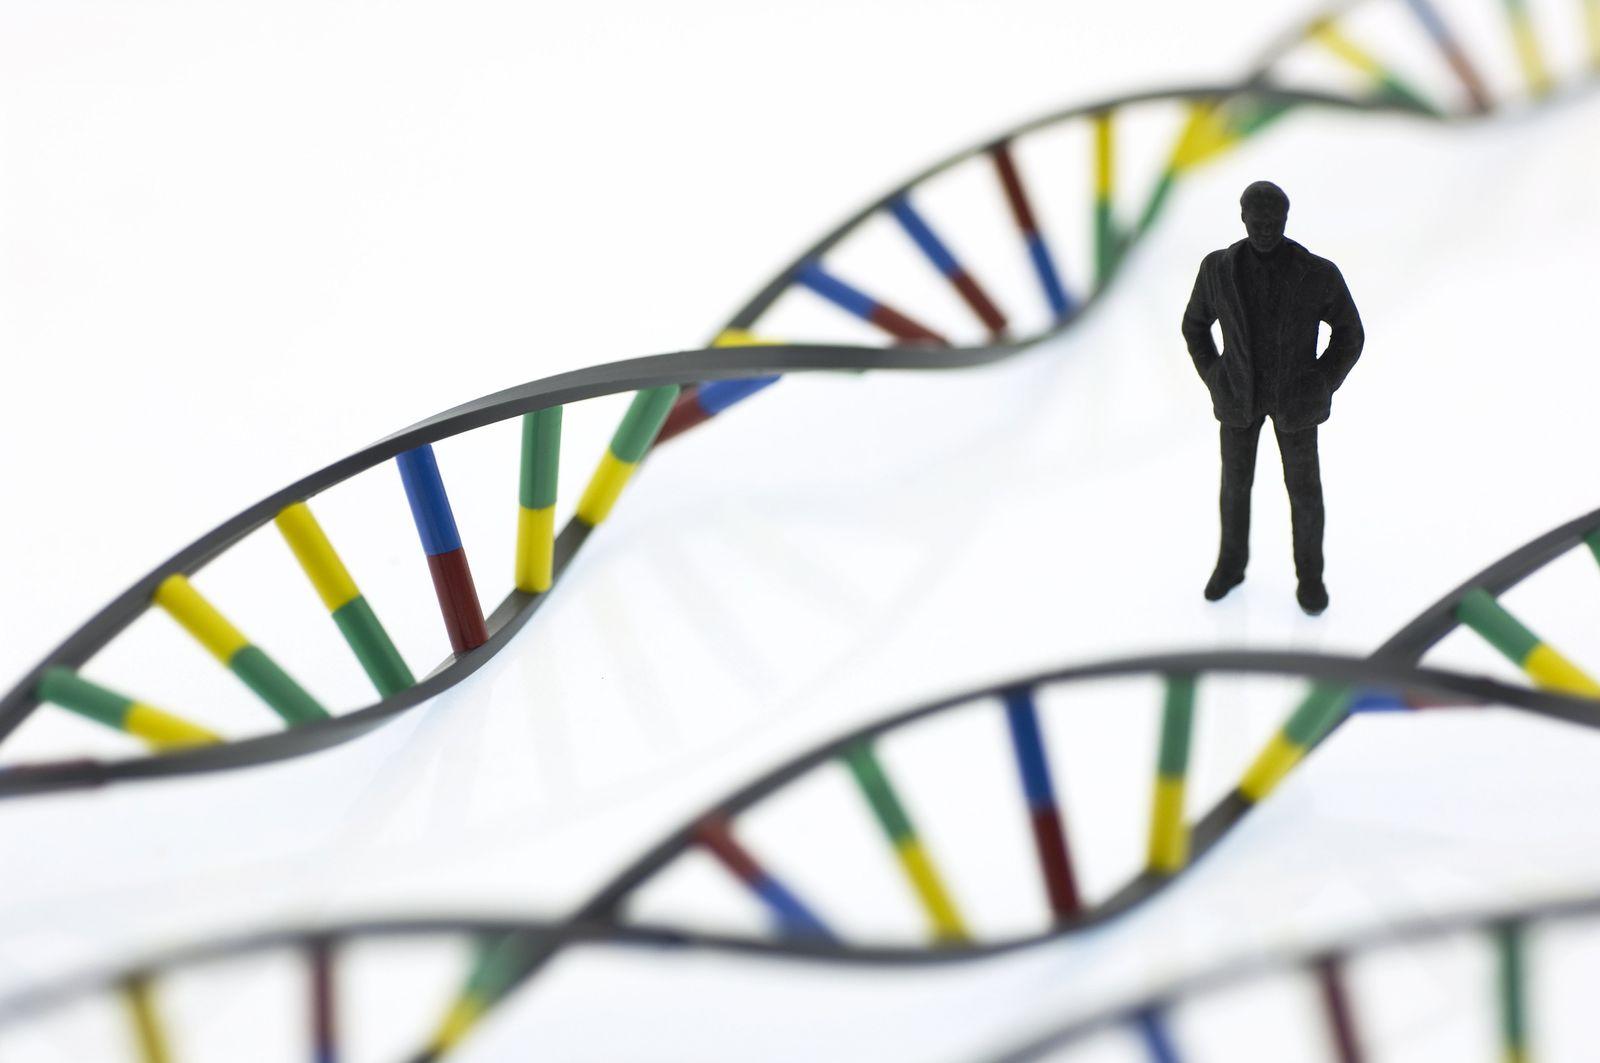 NICHT MEHR VERWENDEN! - DNA / Helix / Genom